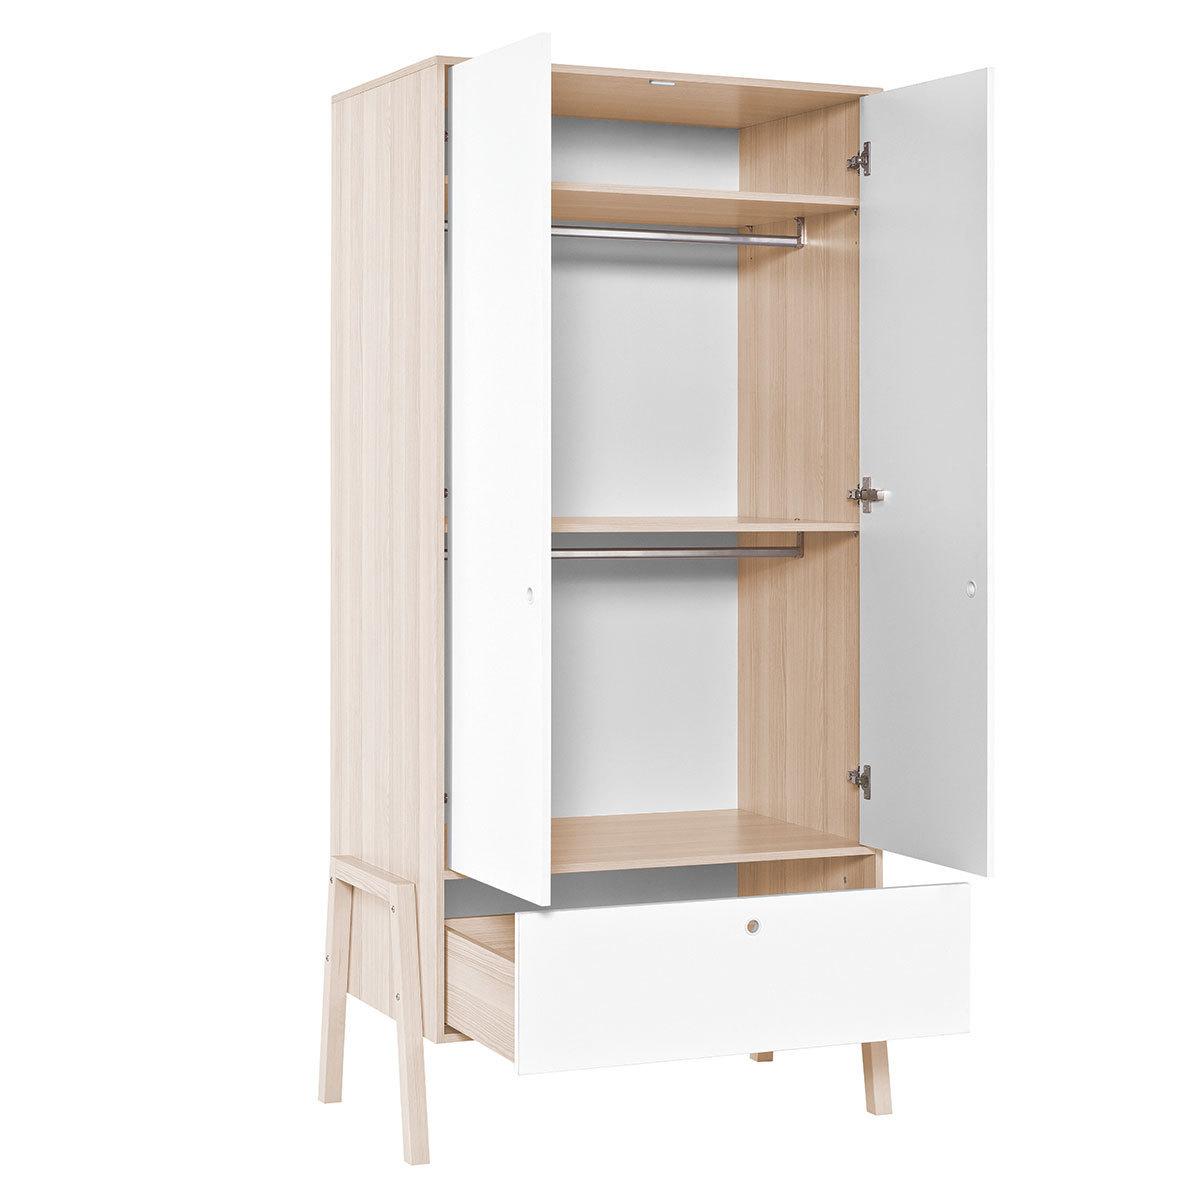 vox meubles armoire 2 portes spot armoire vox meubles. Black Bedroom Furniture Sets. Home Design Ideas